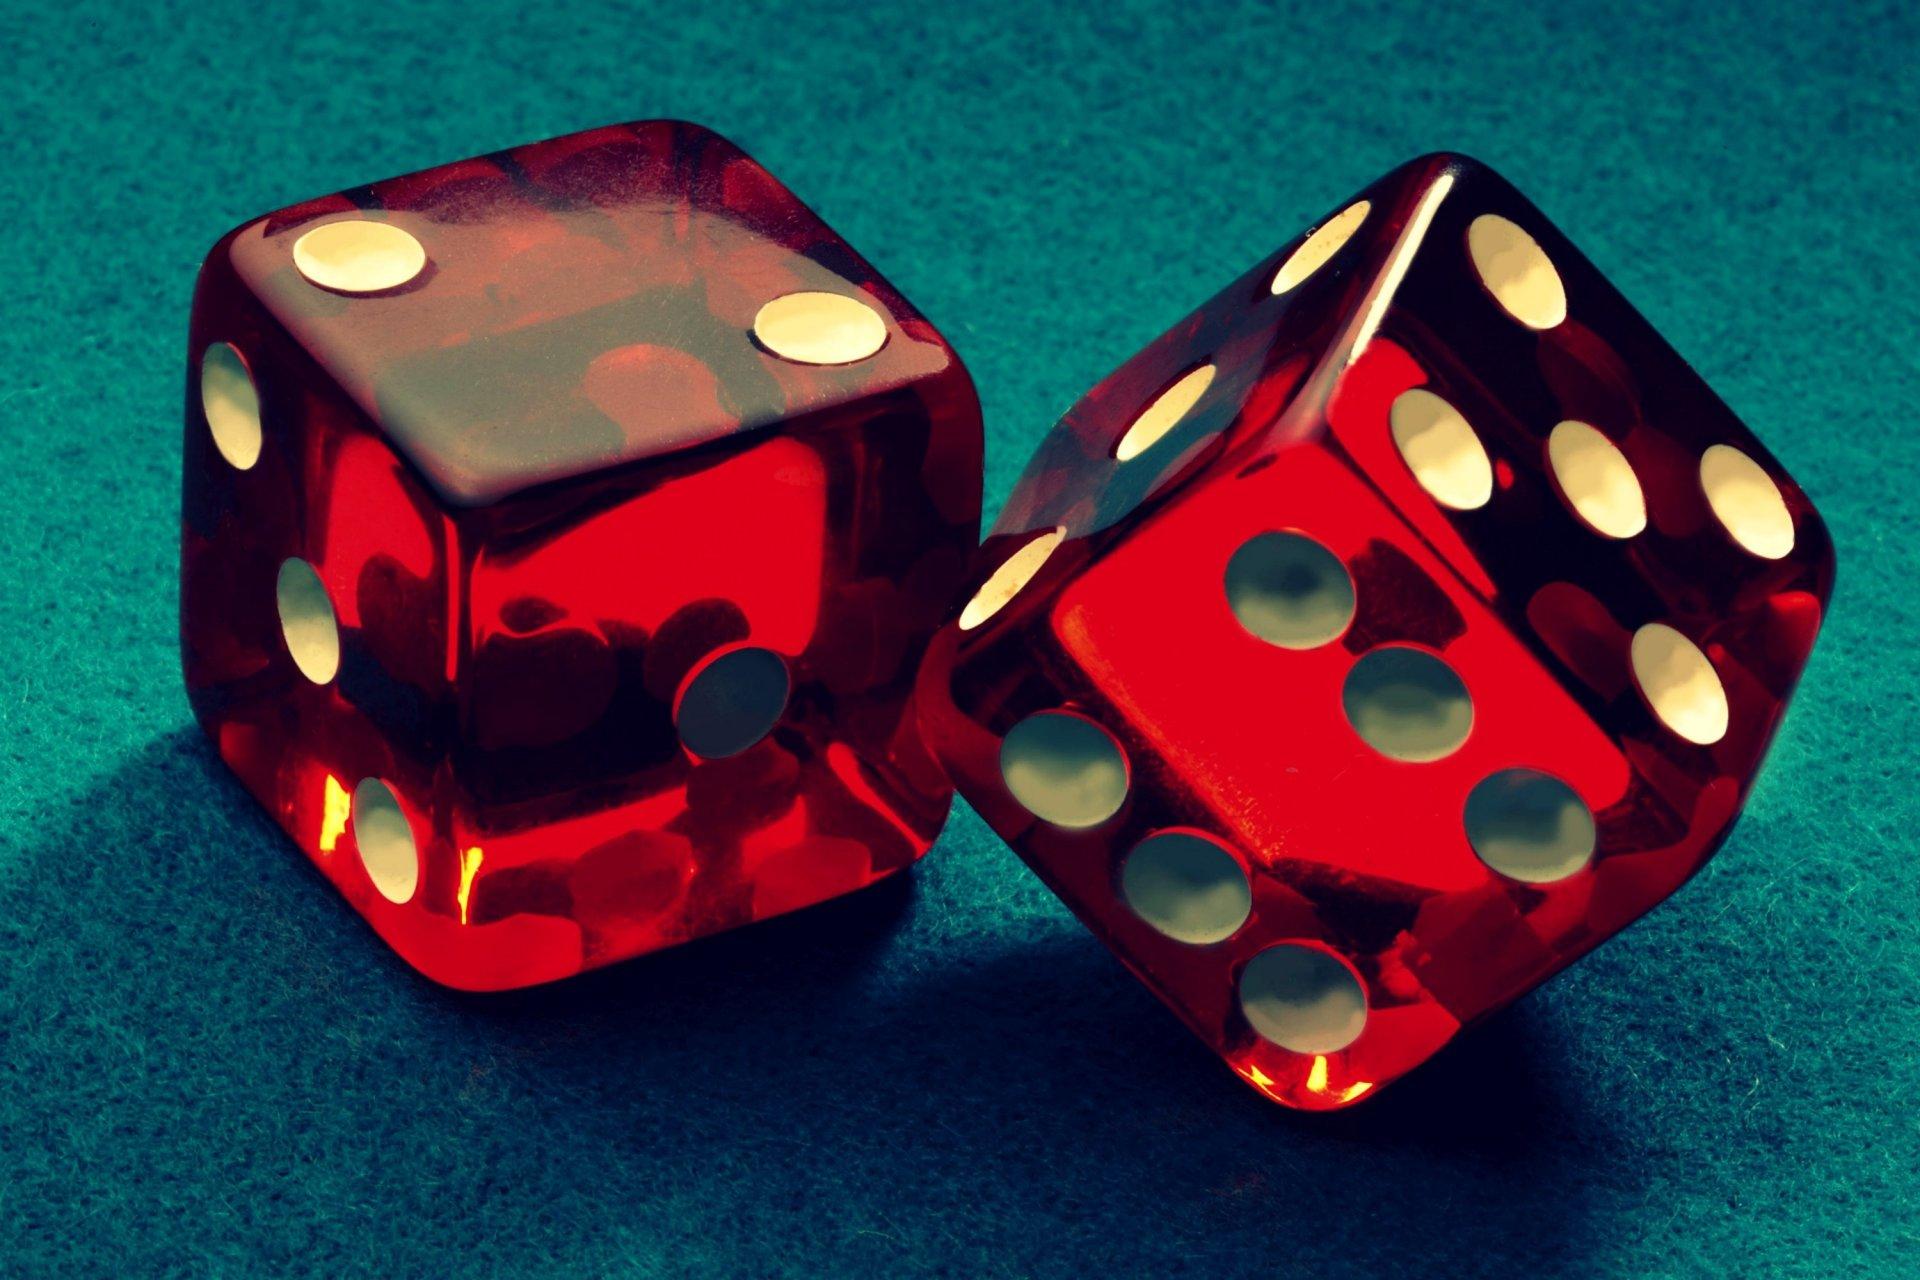 Обои кубики, игральные кости. Разное foto 6